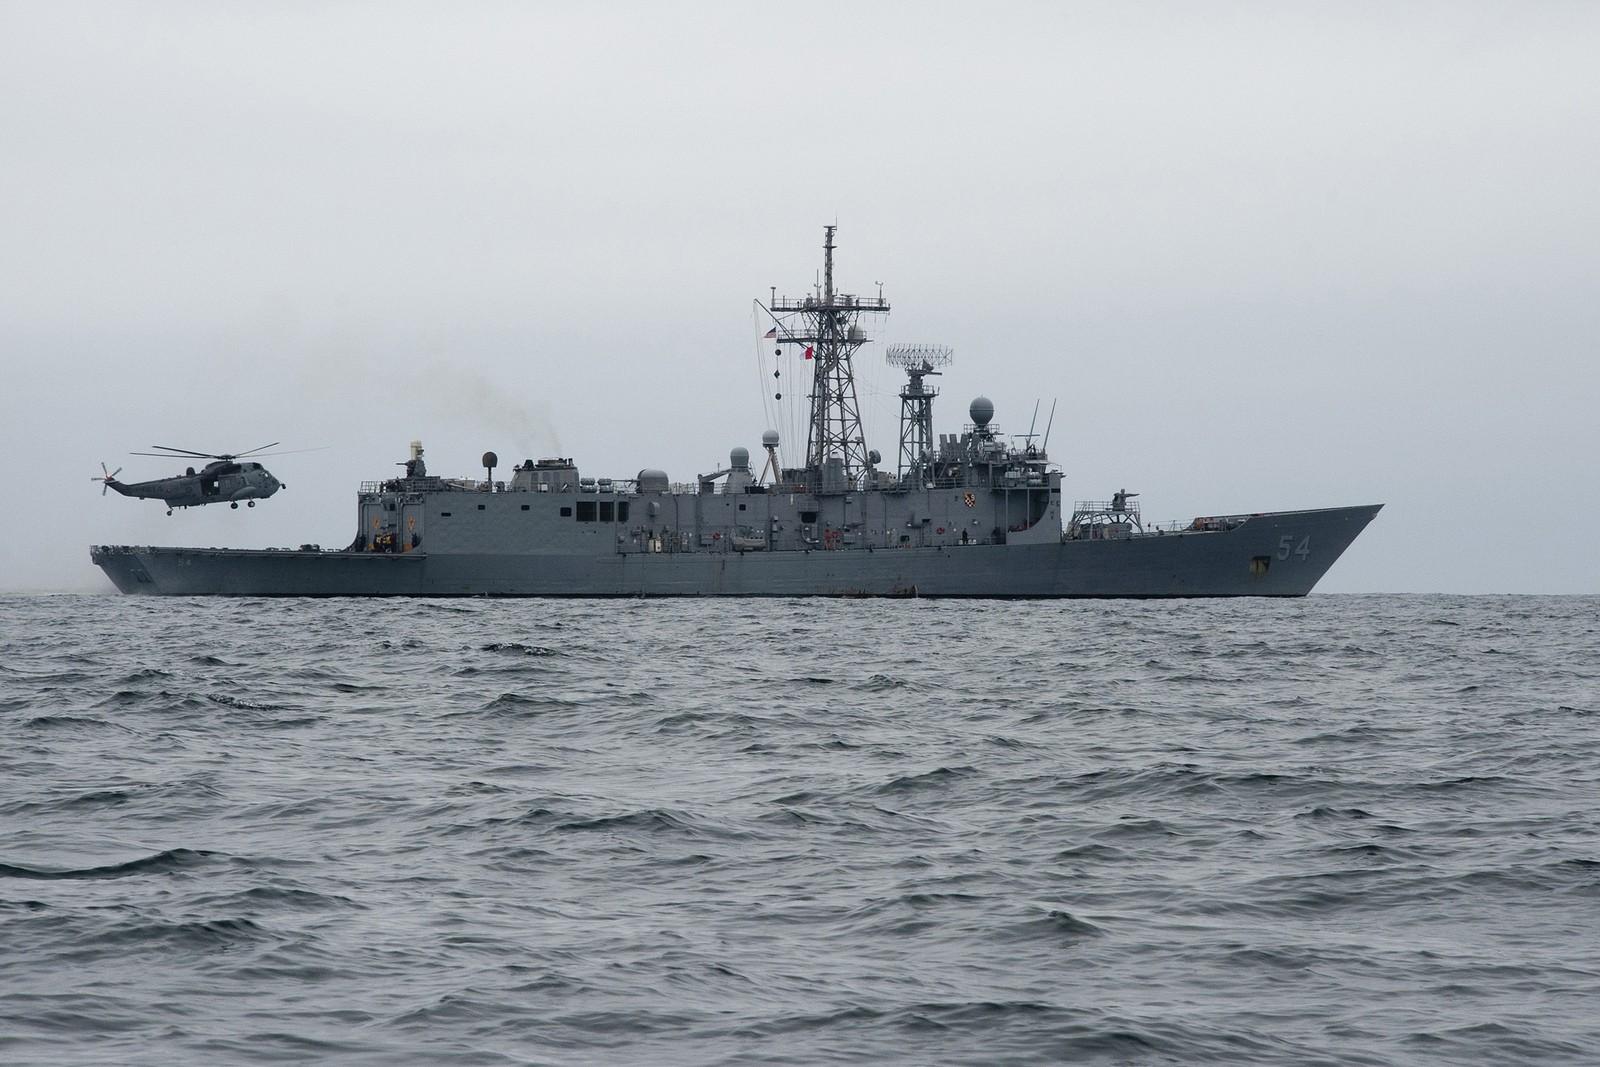 파키스탄 해군의 전력증강을 가로 막은 미 의회